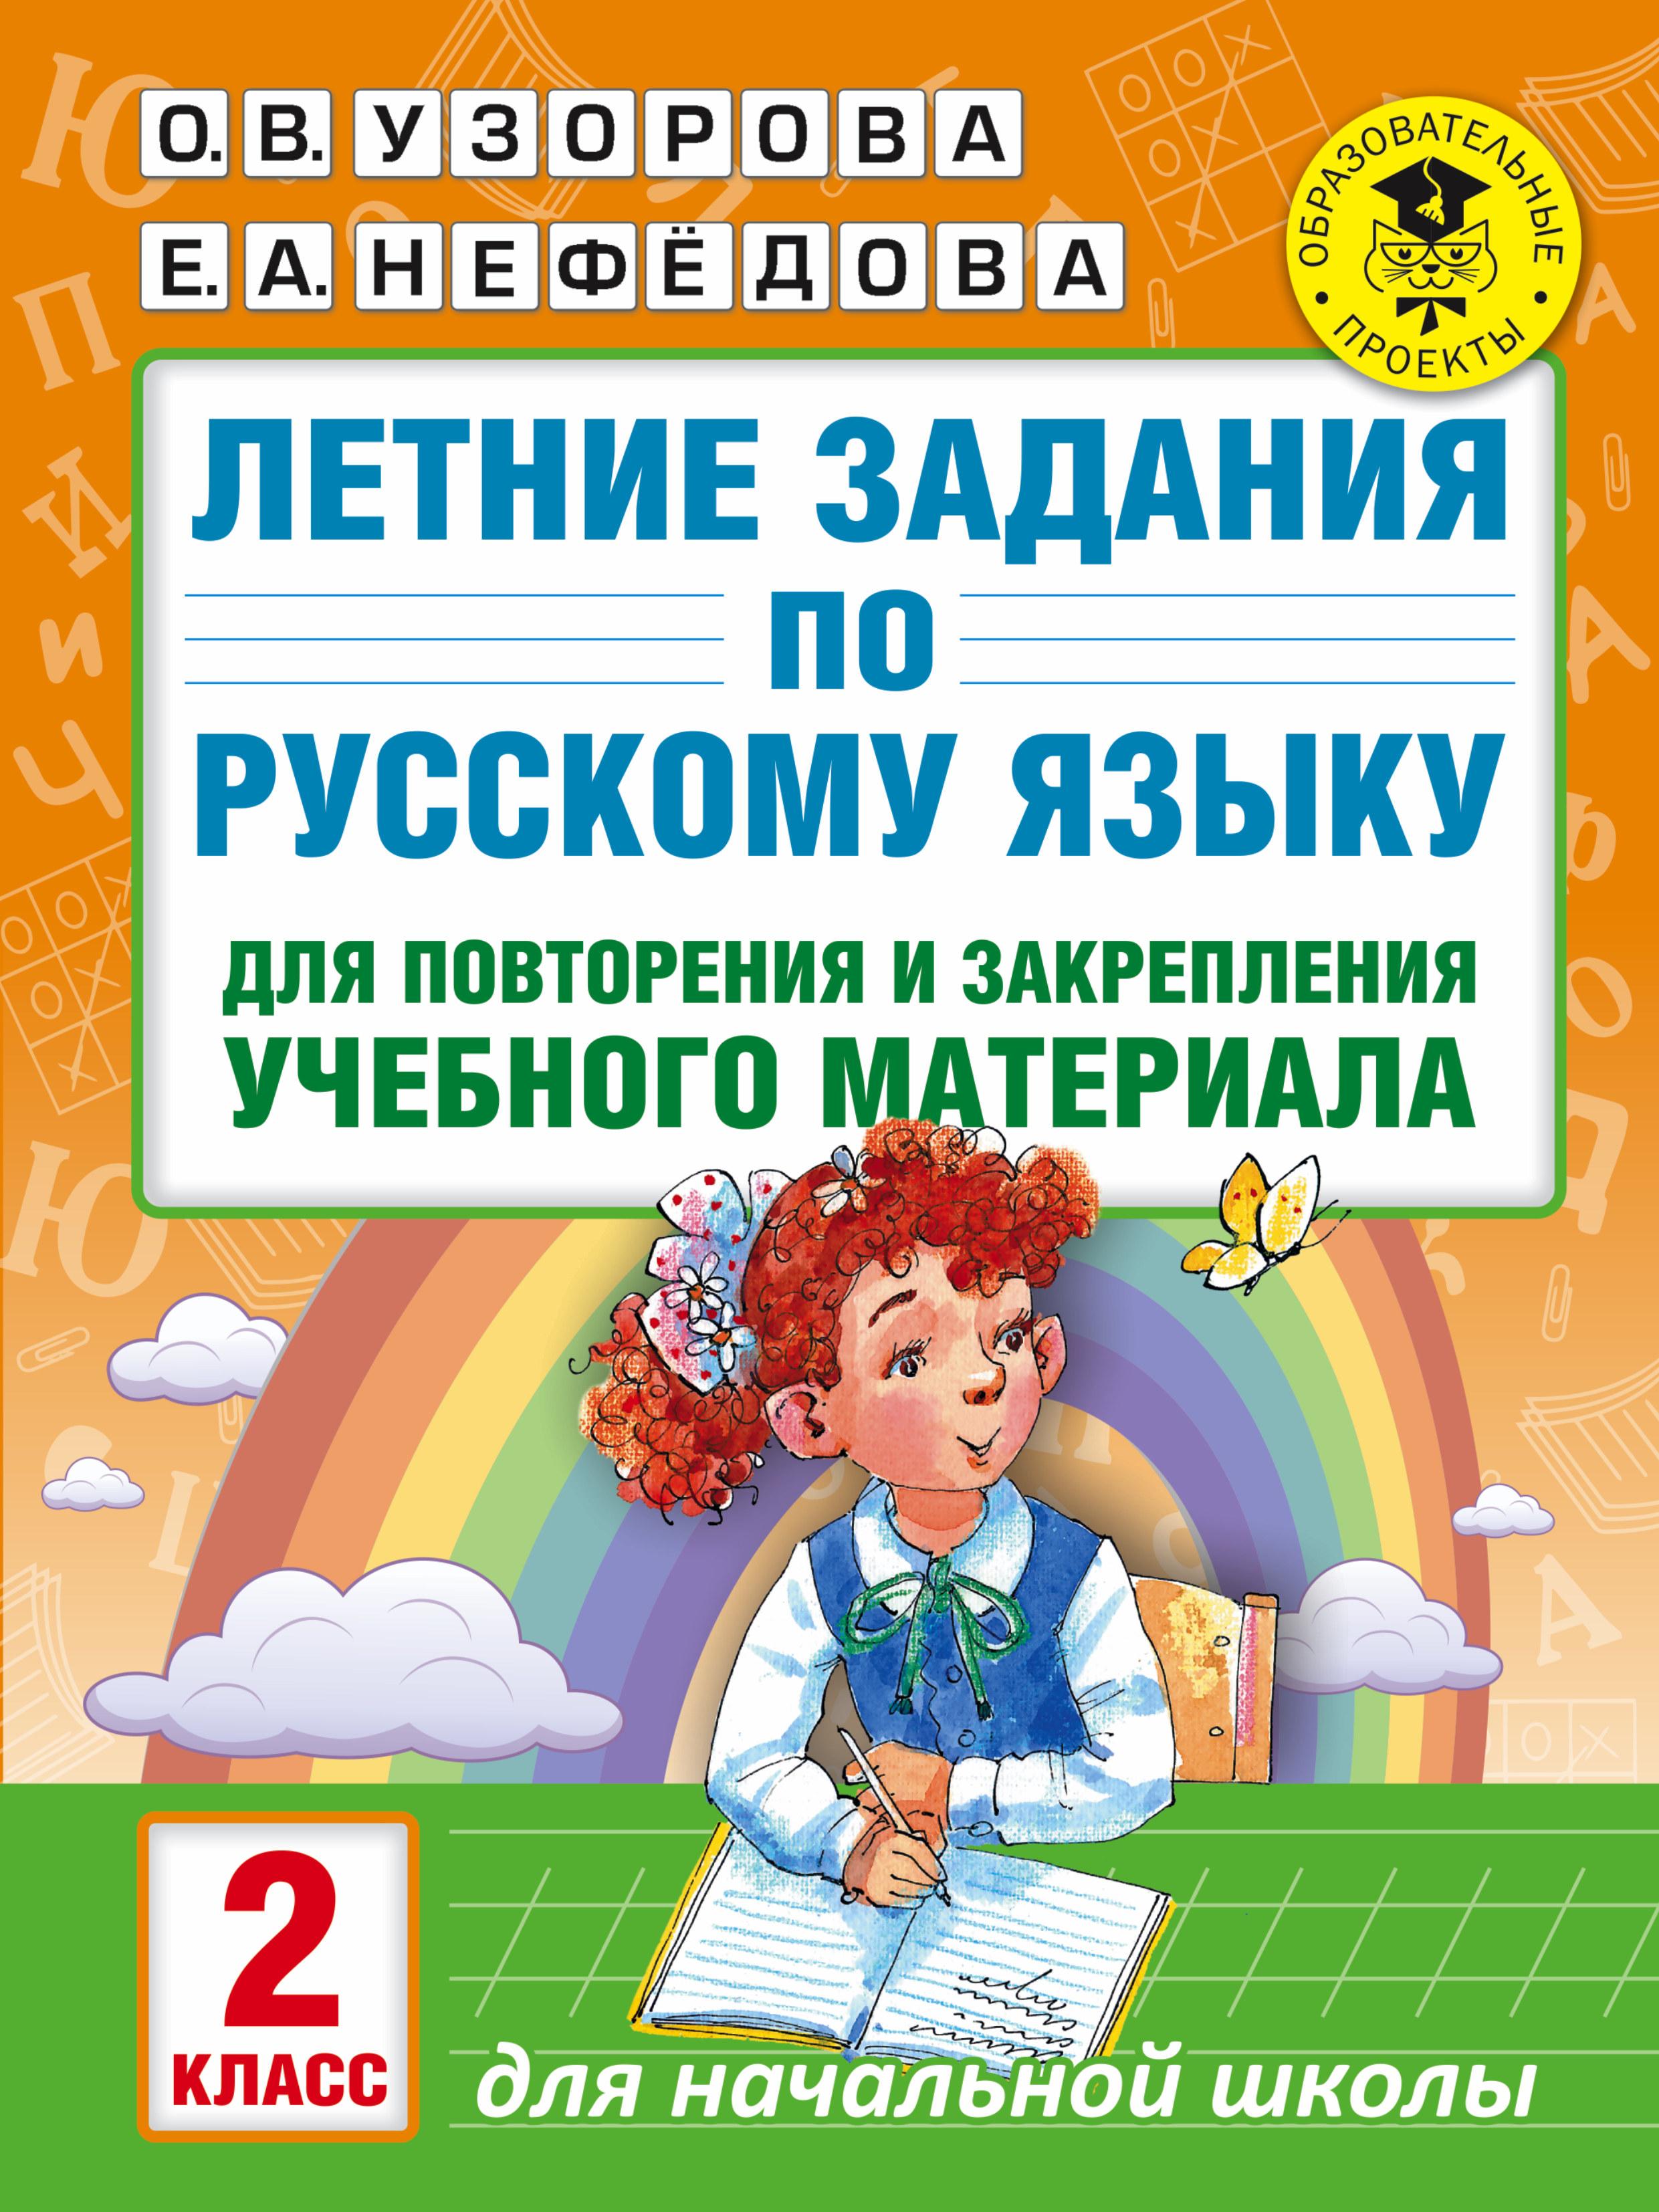 Летние задания по русскому языку  повторения и закрепления учеб. материала. 2 кл